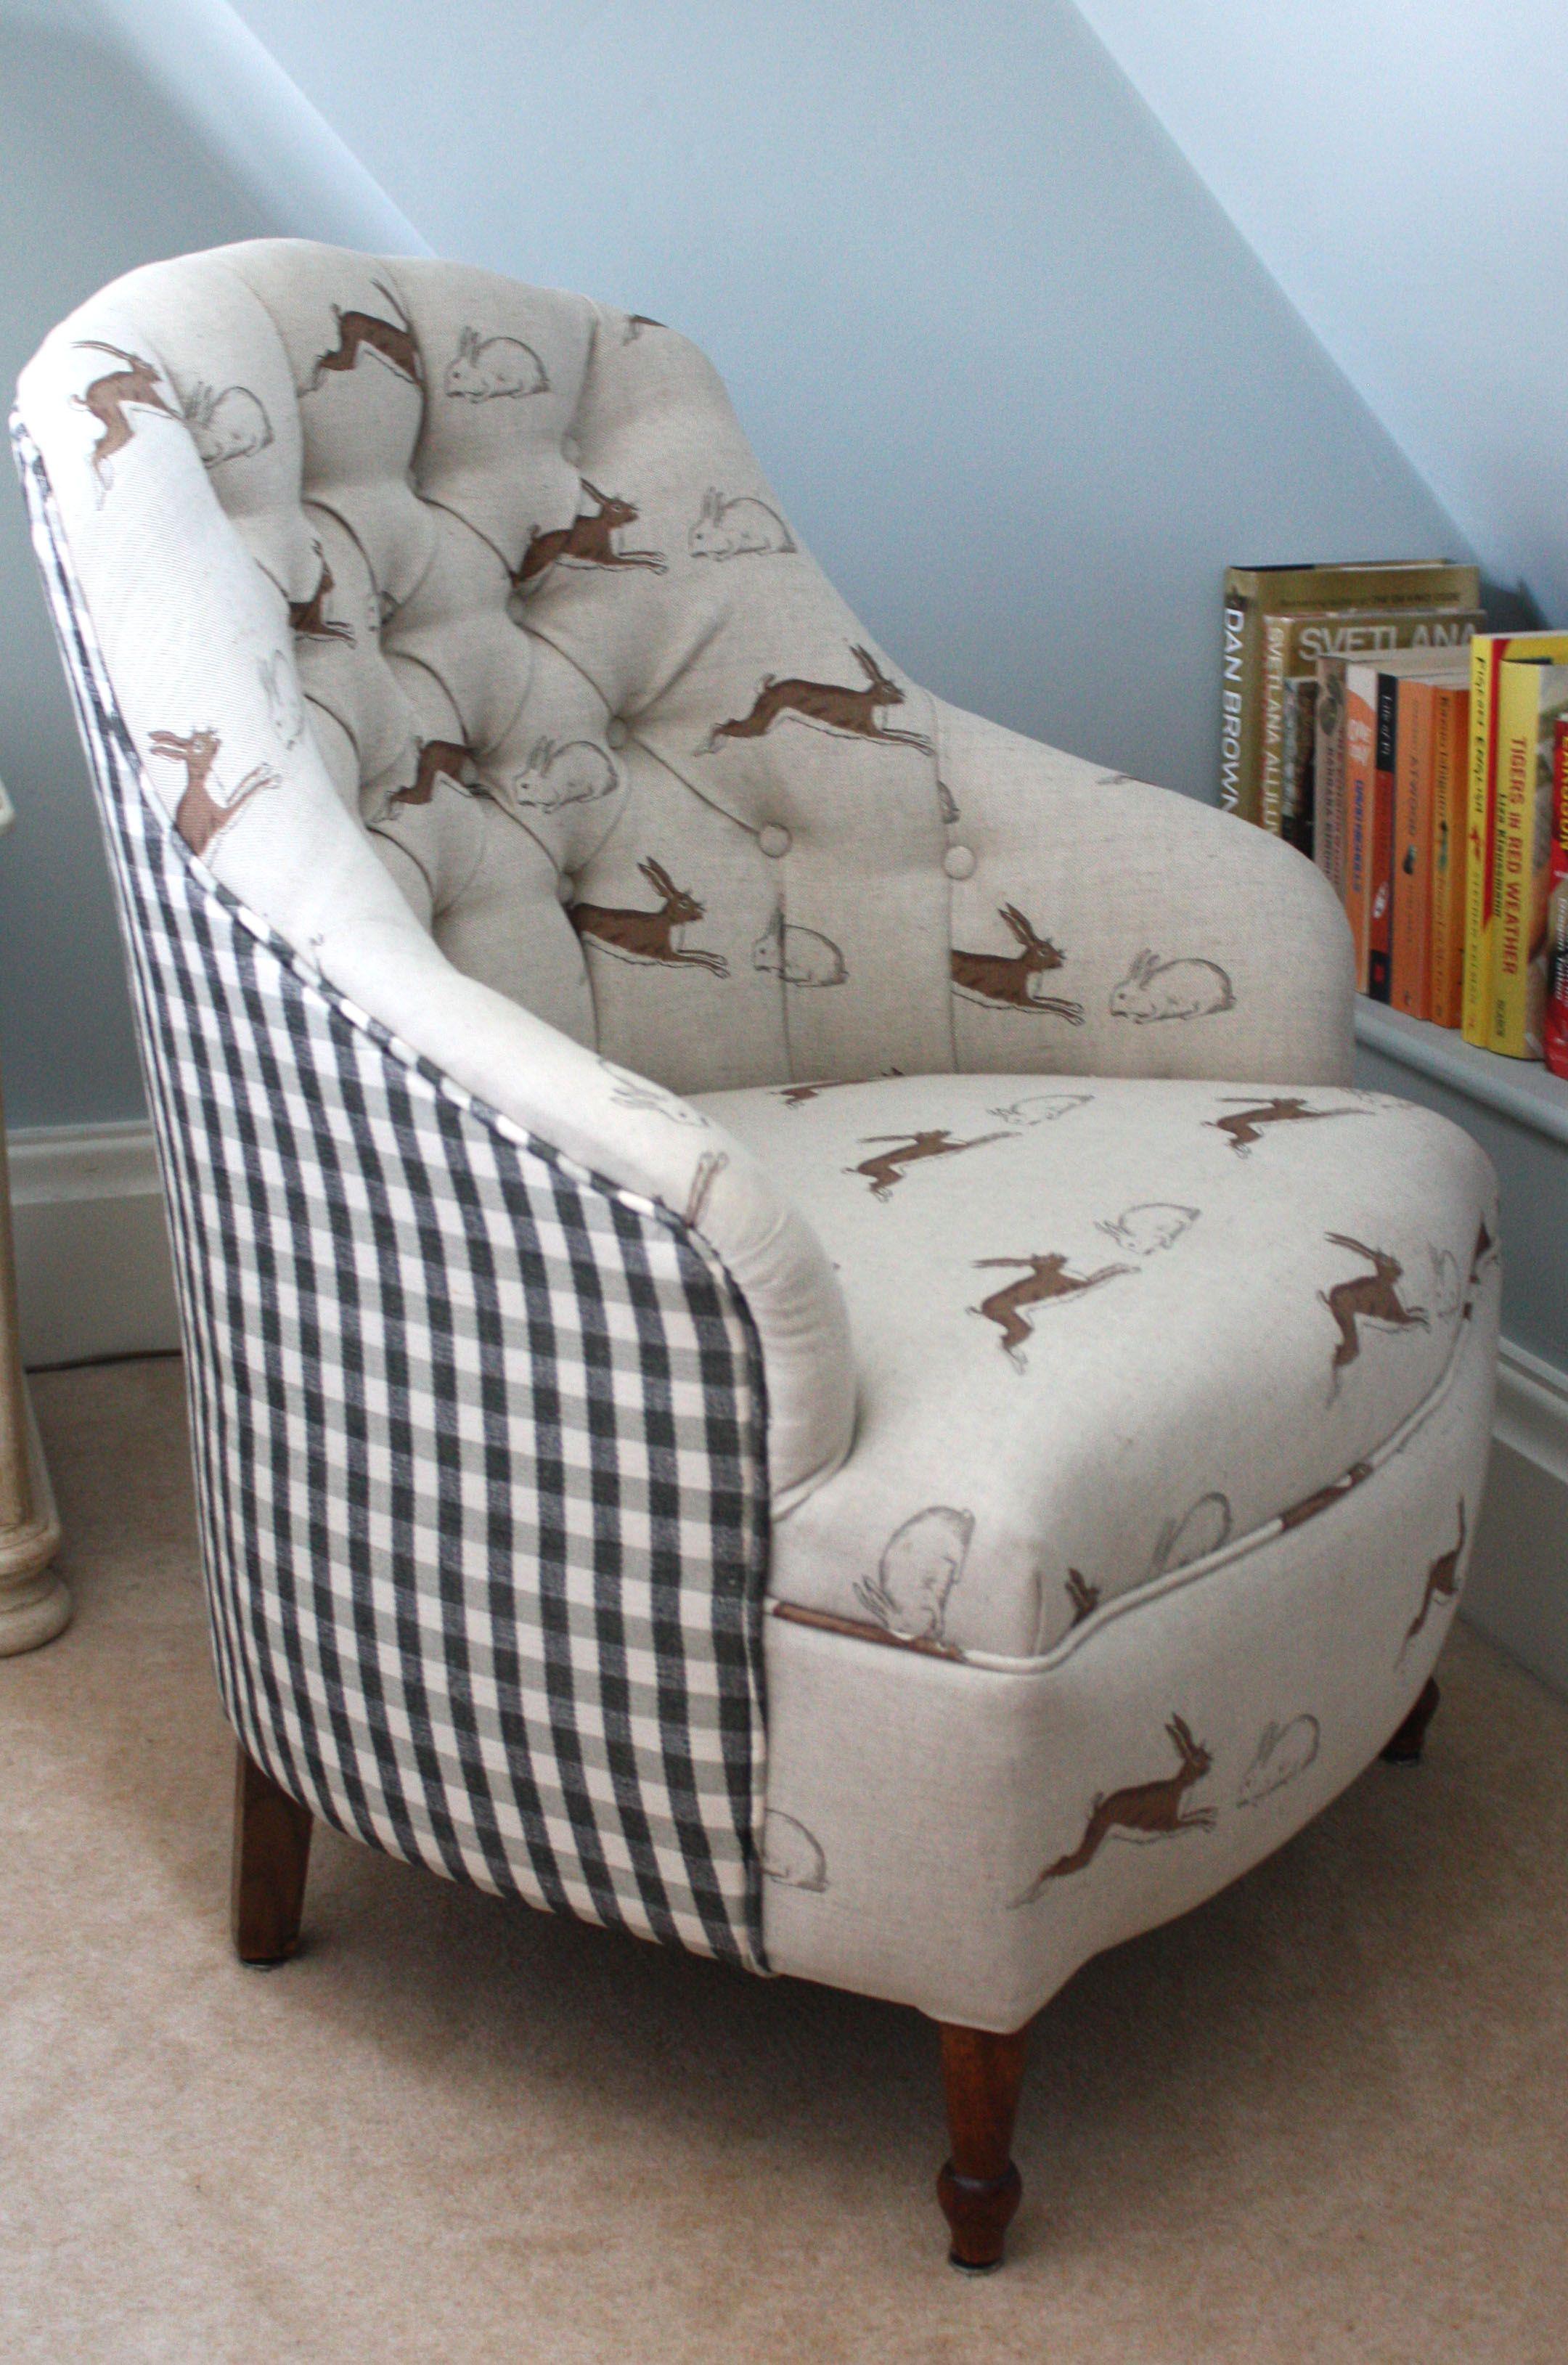 For Sale - Lovely bedroom chair, upholstered in Emily Bond's